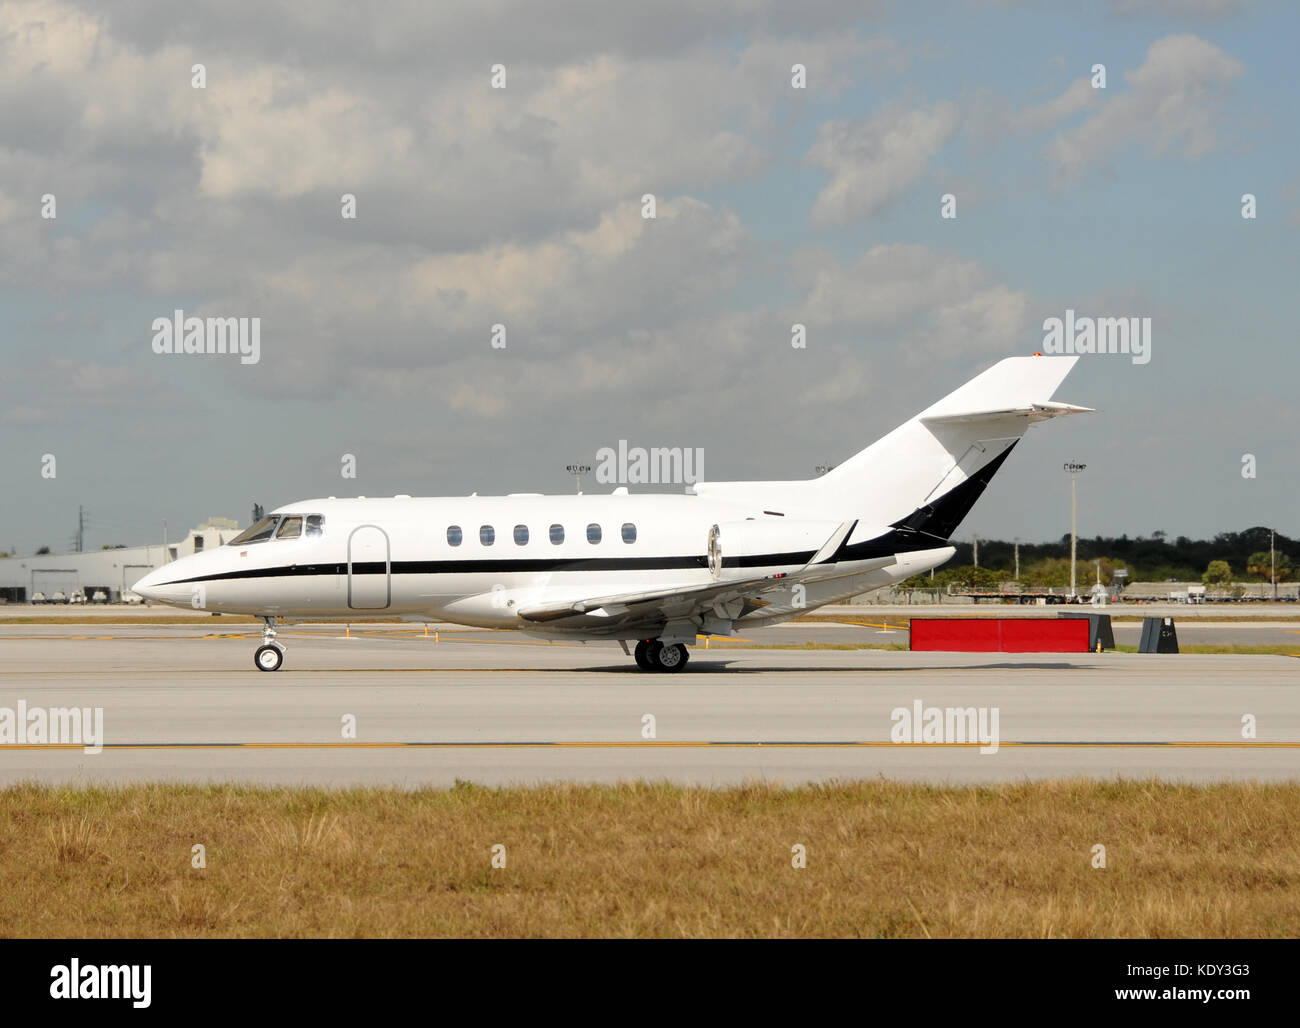 Aereo Privato Lusso : Quanto costa un aereo di linea e un ultraleggero